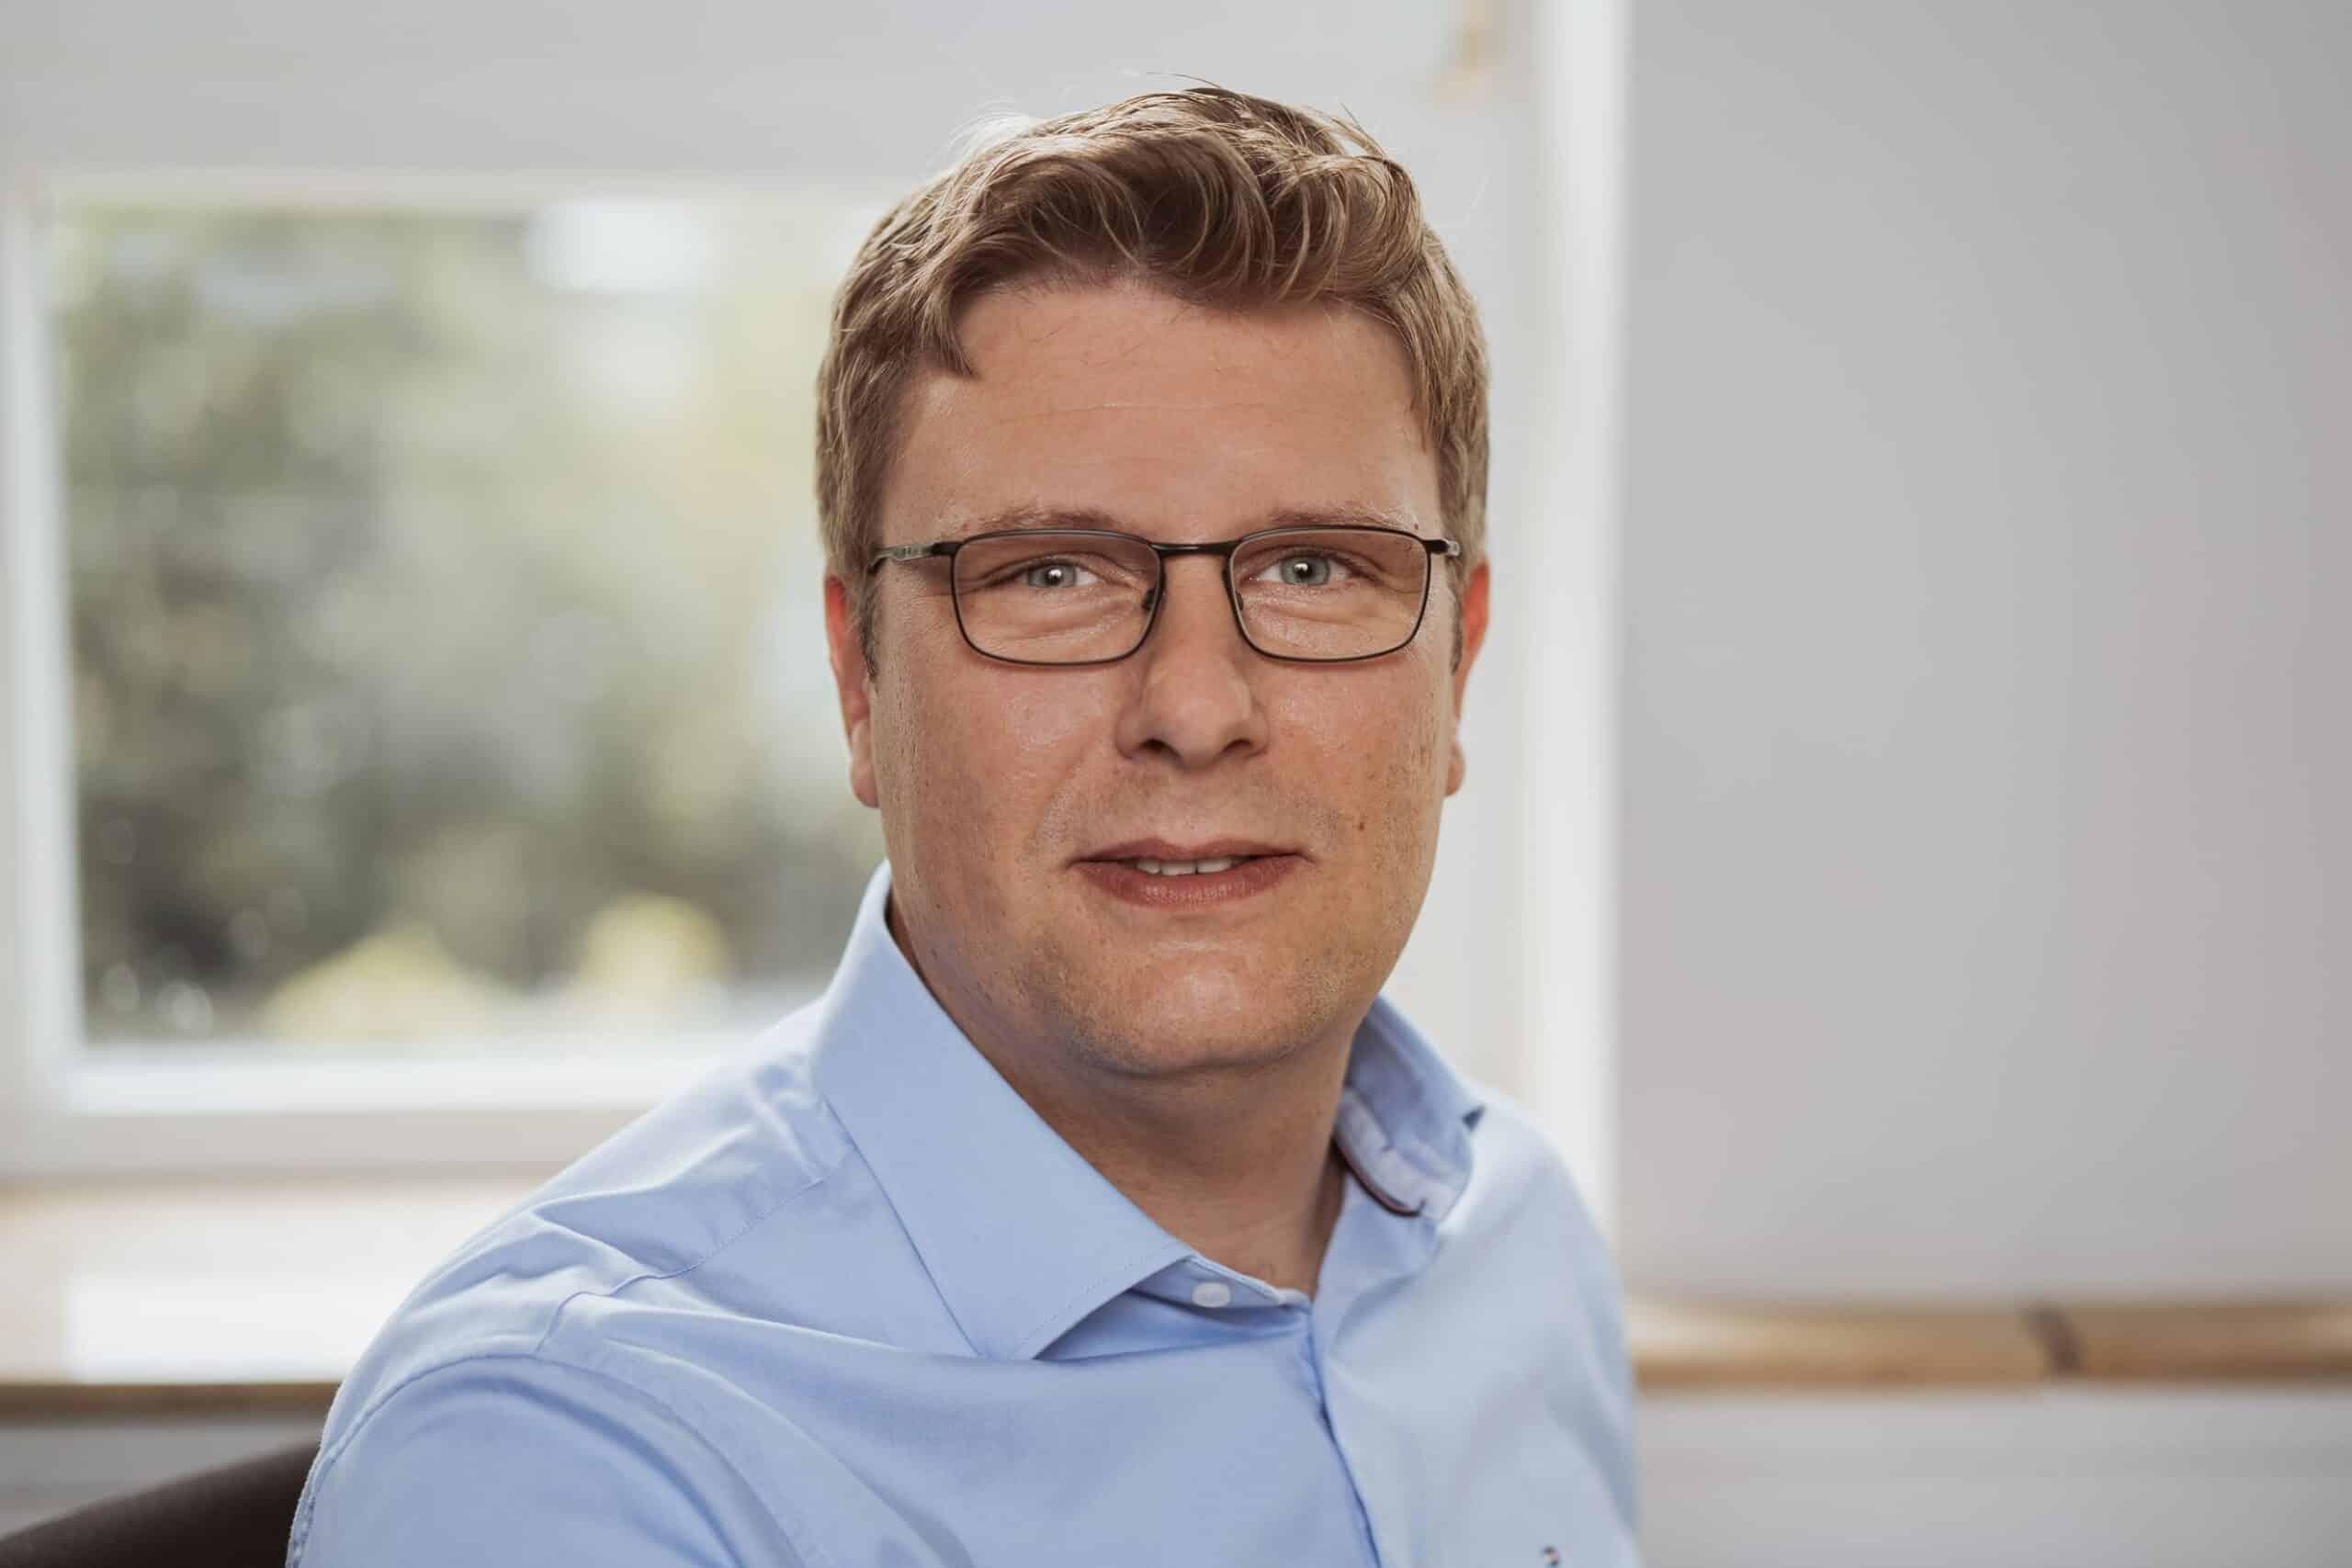 Daniel Plonus